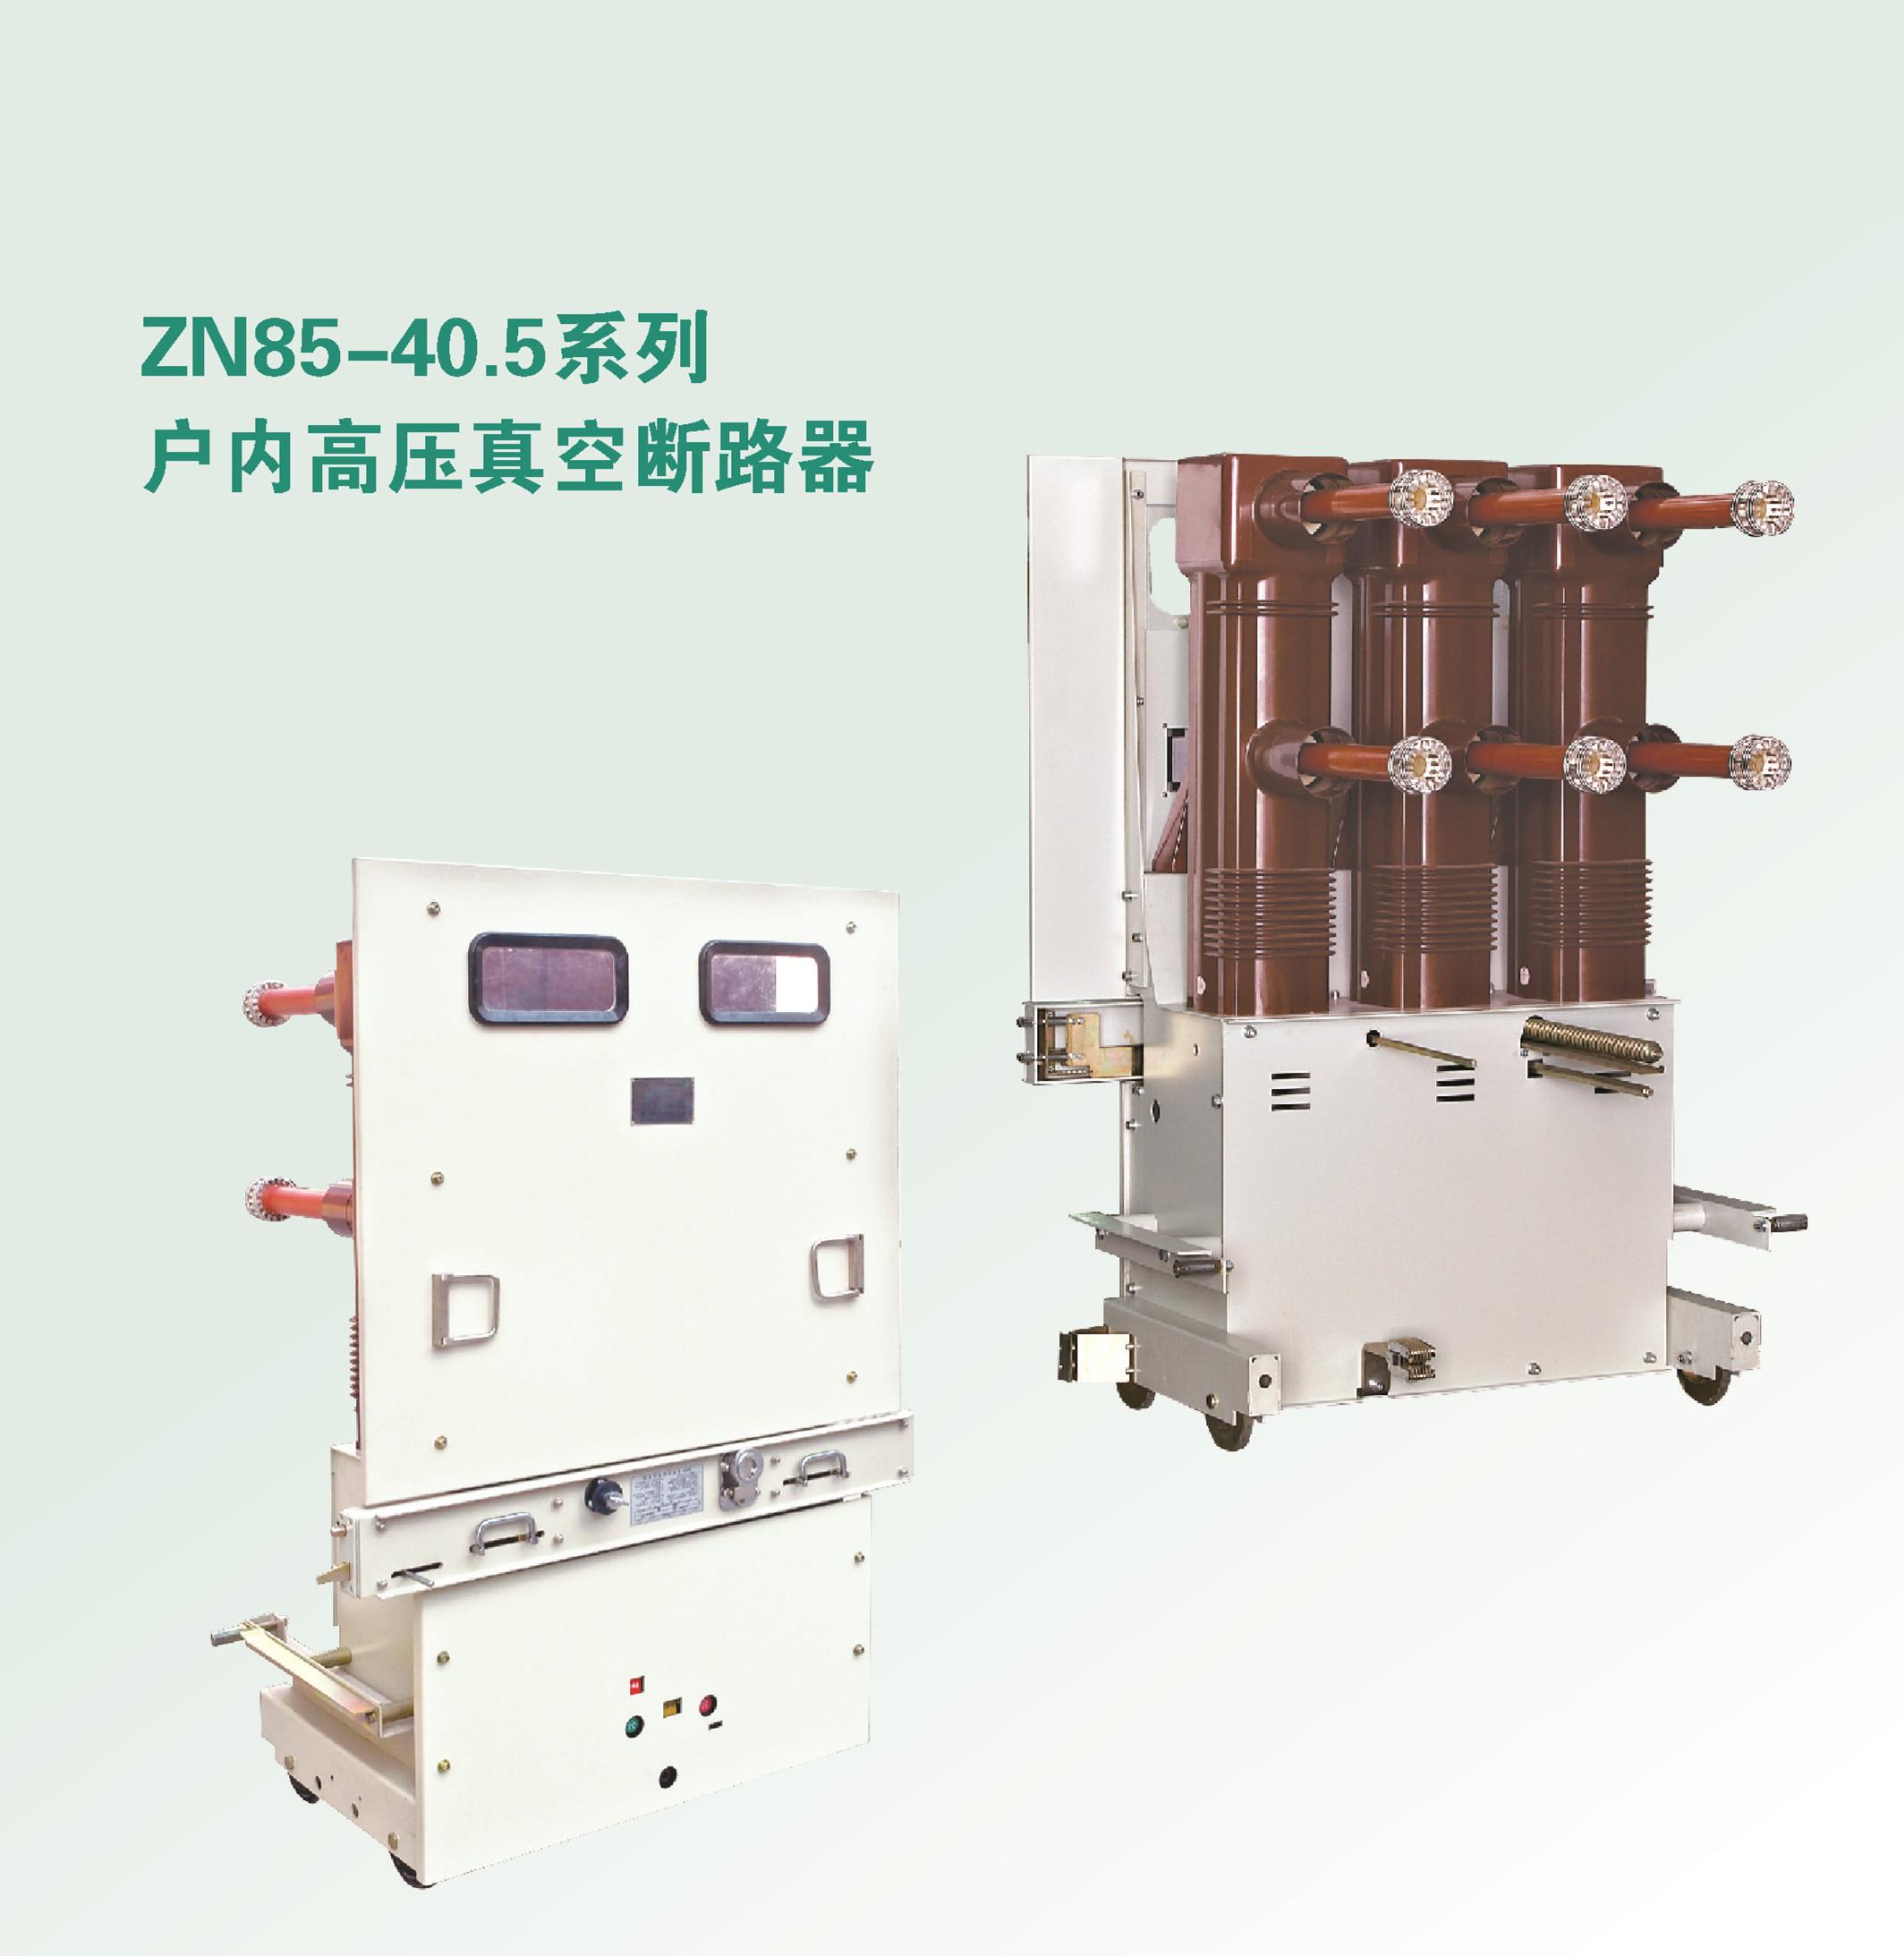 厂家这些ZN85-40.